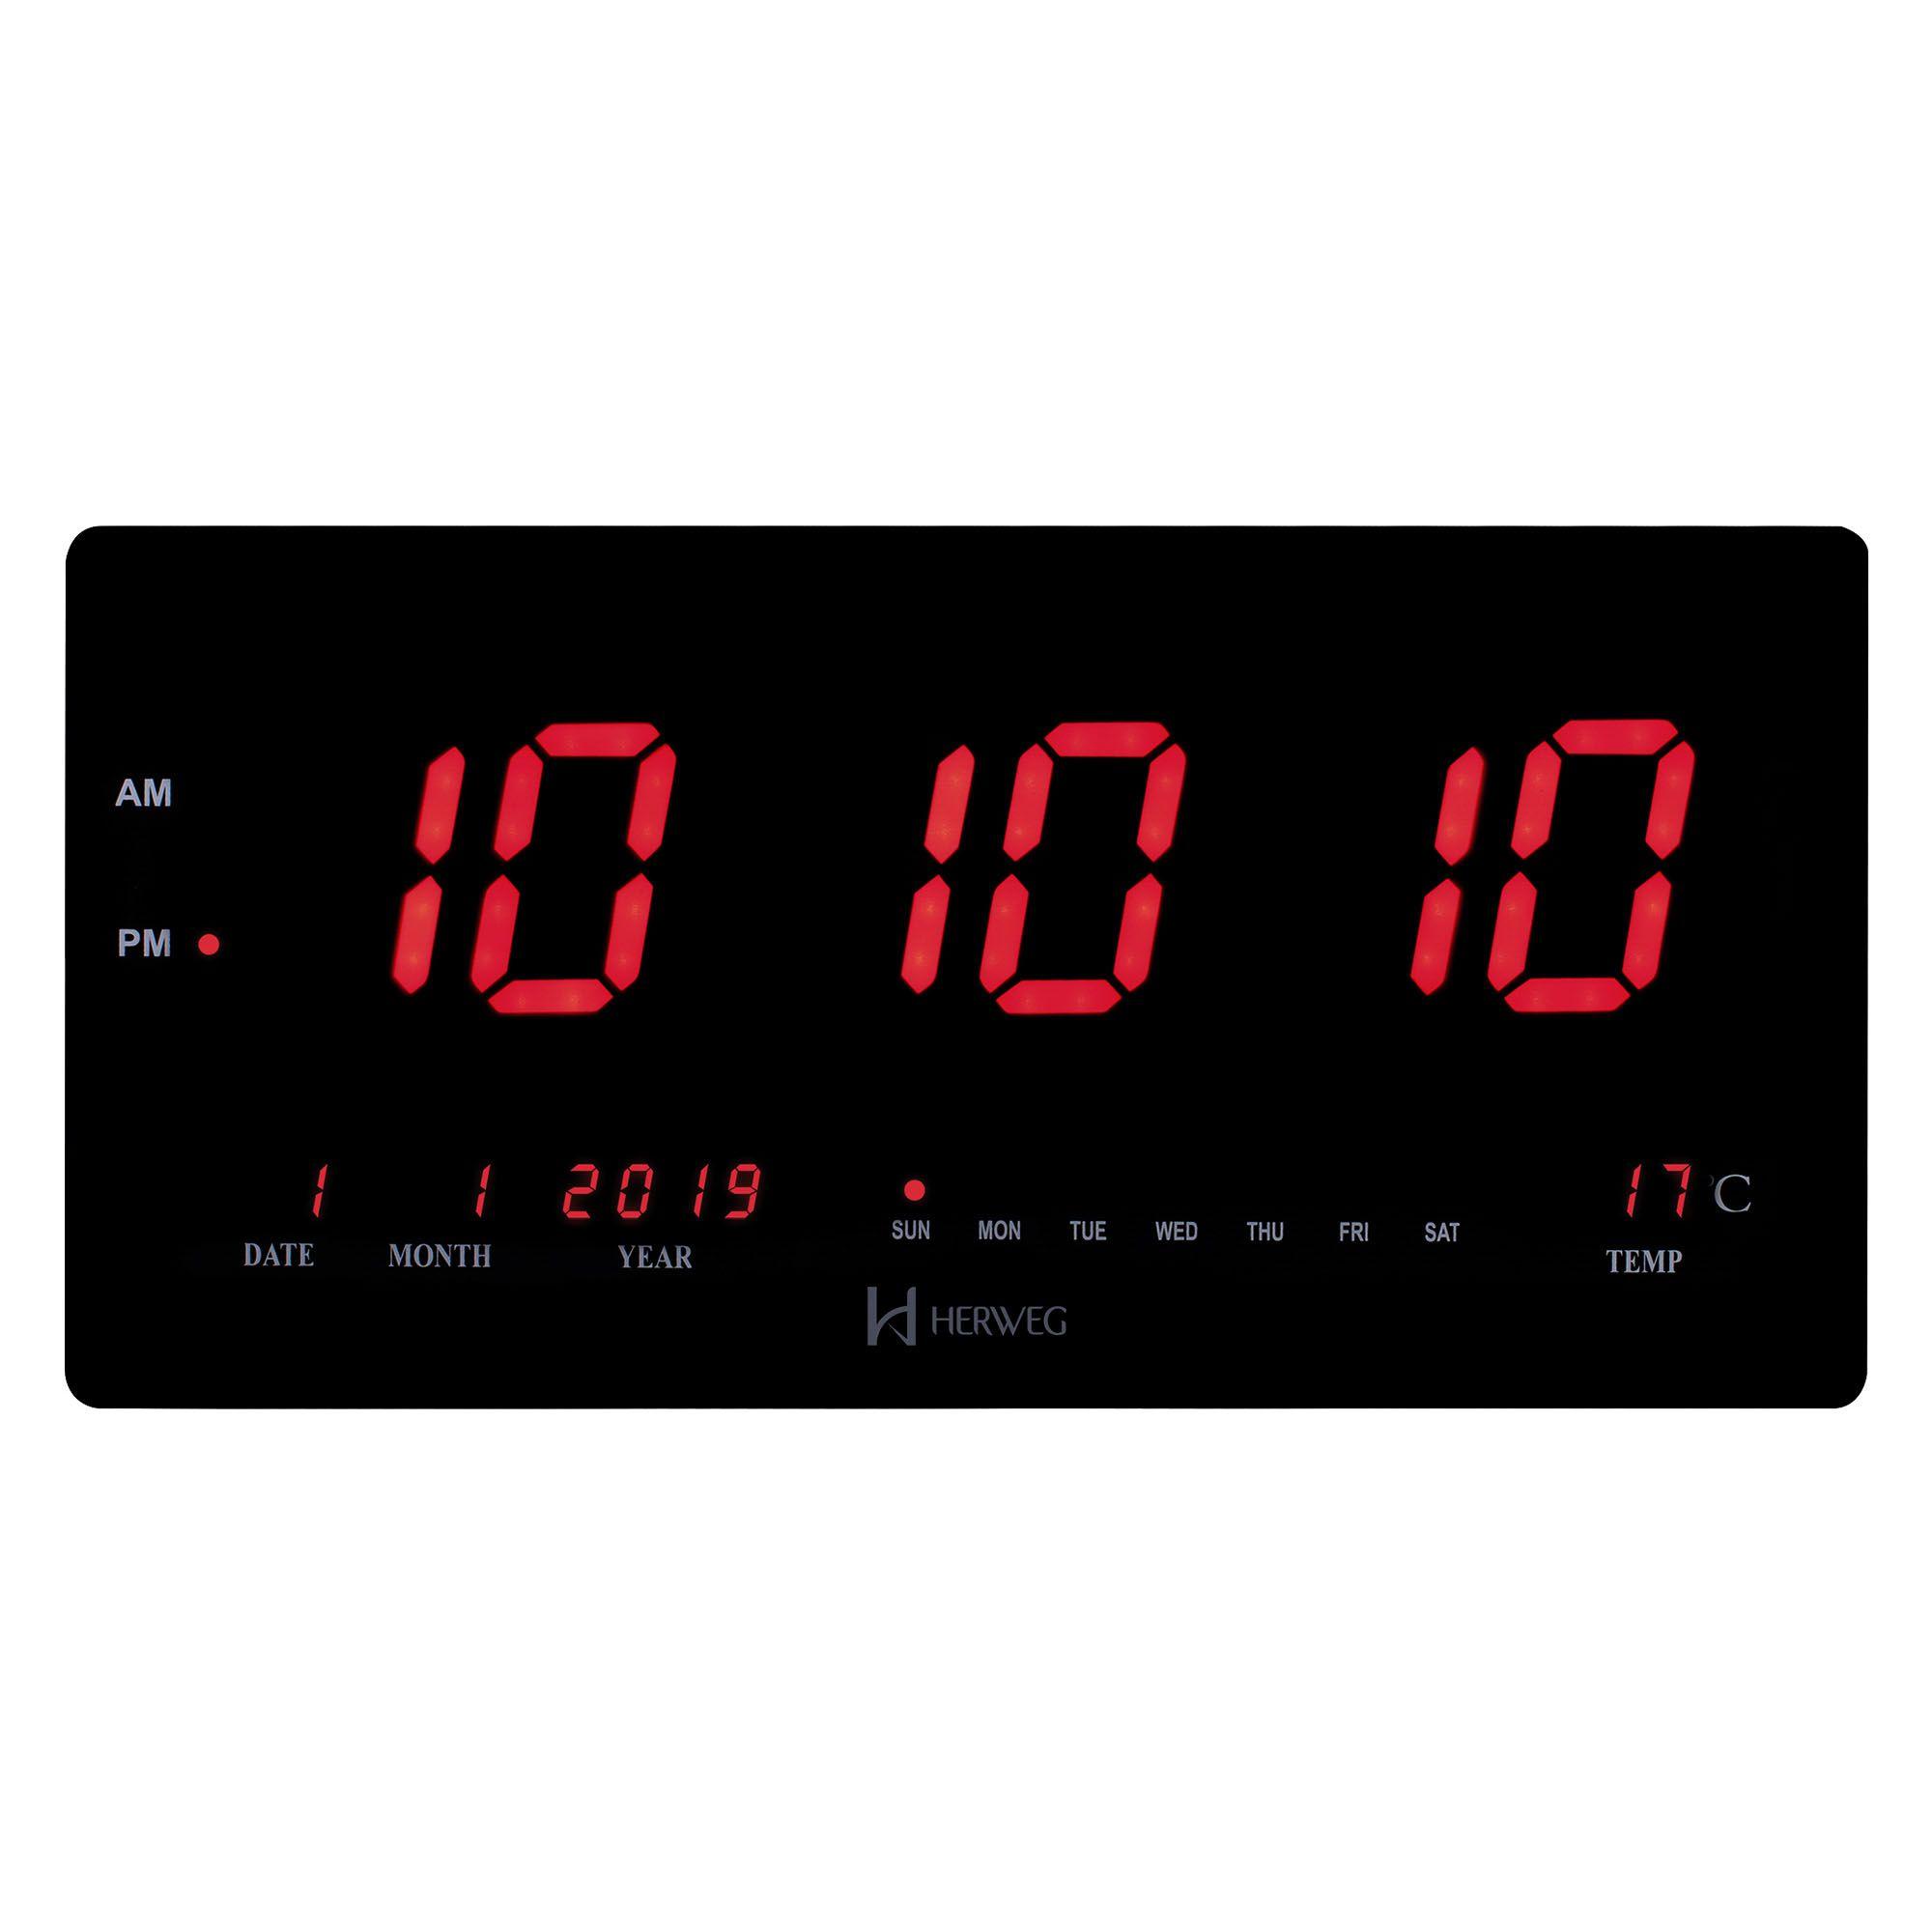 Relógio de Parede Digital Herweg 6464 034 Preto